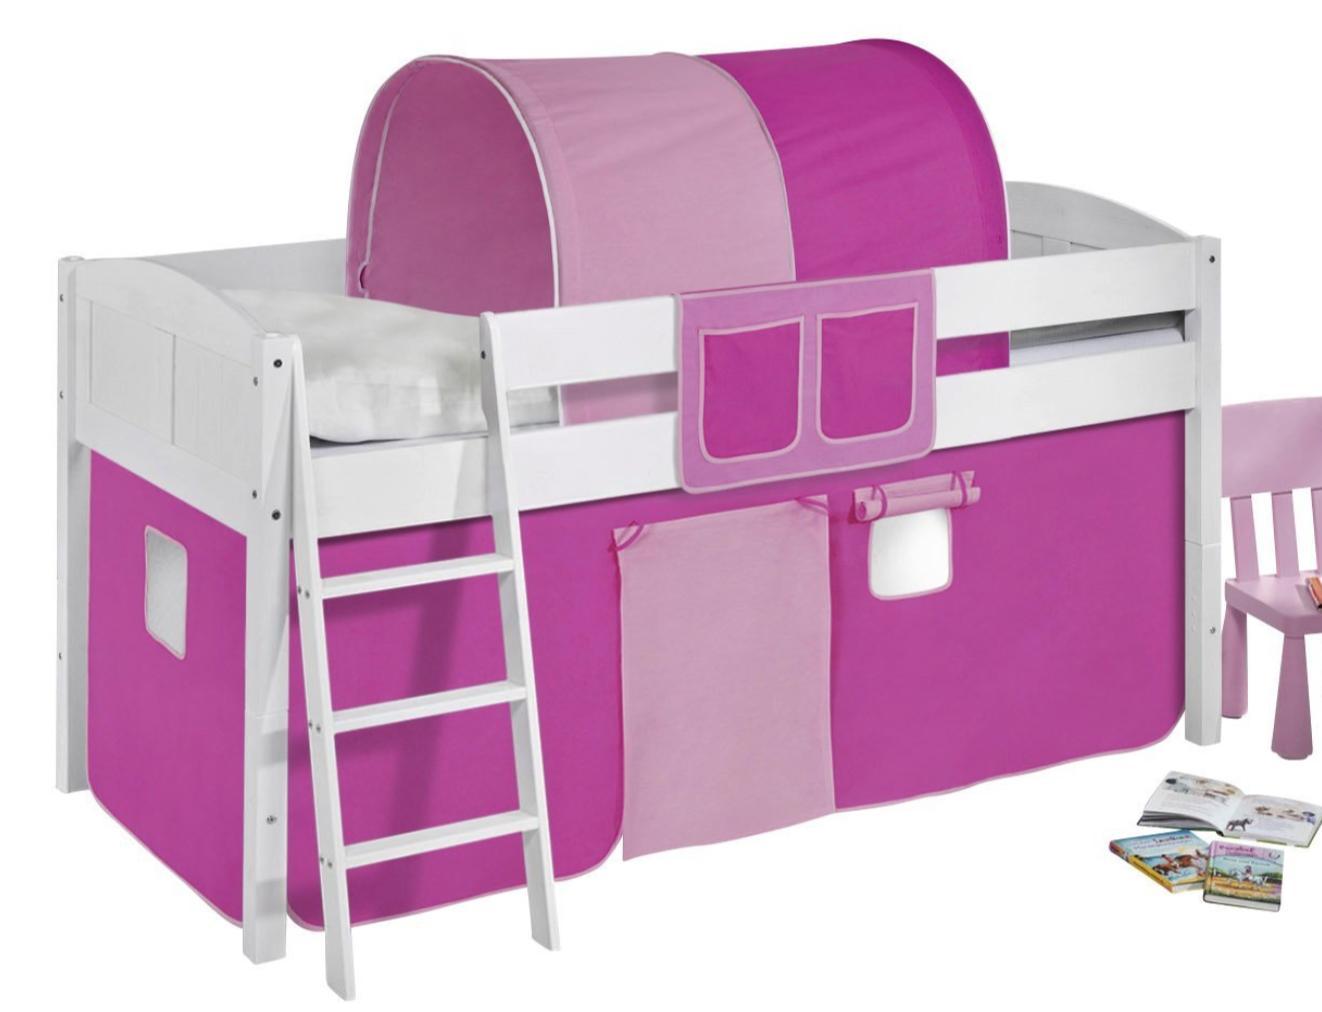 lit sur lev blanc laqu rideau rose clair et rose fonc 90x200cm sommier sans sommier sans. Black Bedroom Furniture Sets. Home Design Ideas